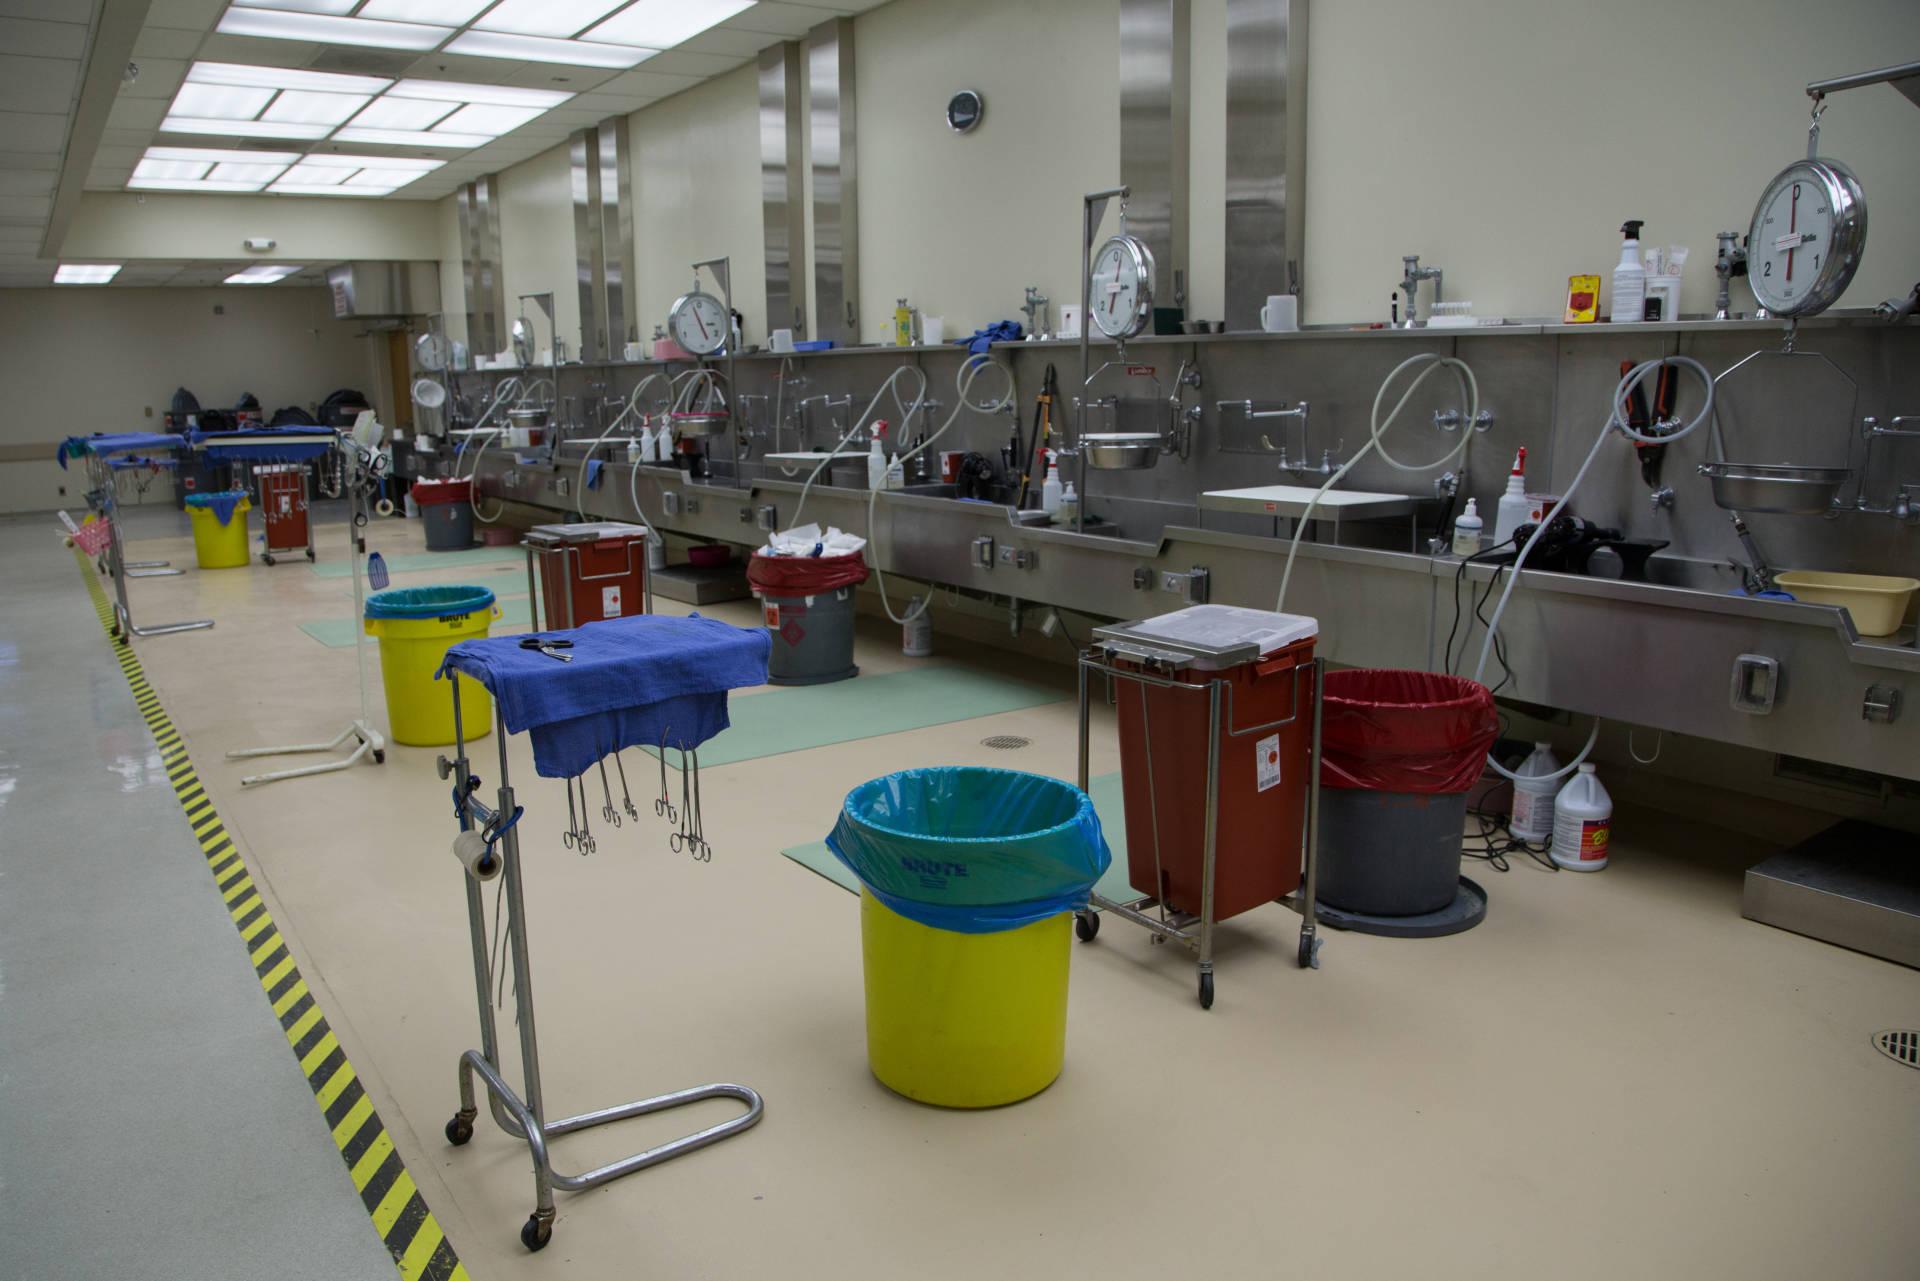 The Santa Clara County Morgue at the medical examiner's office. Lisa Pickoff-White/KQED